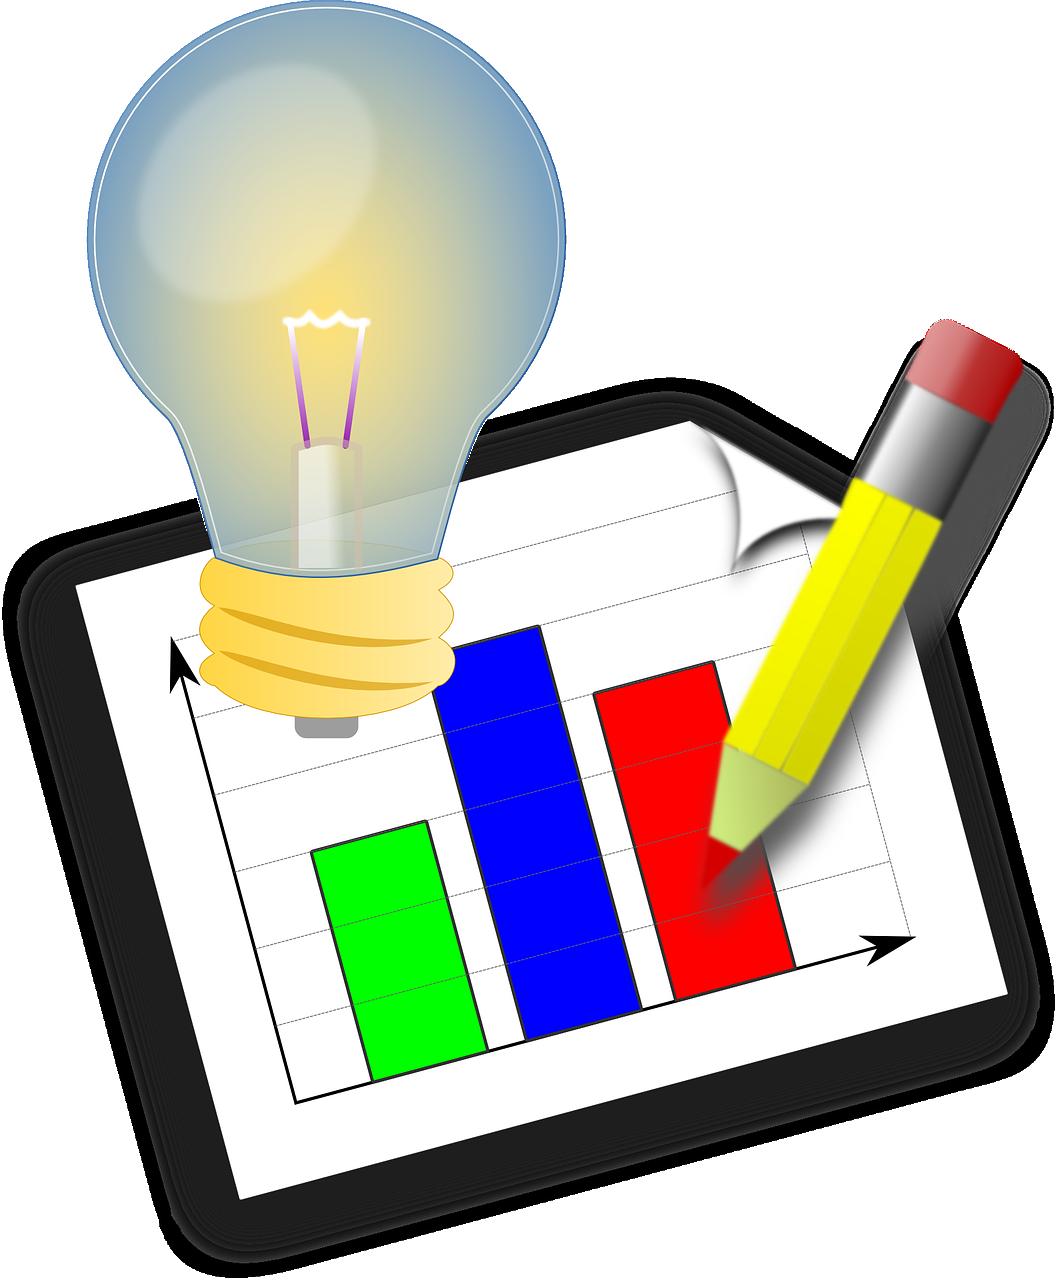 4 Etapas para montar o planejamento financeiro do seu negócio!